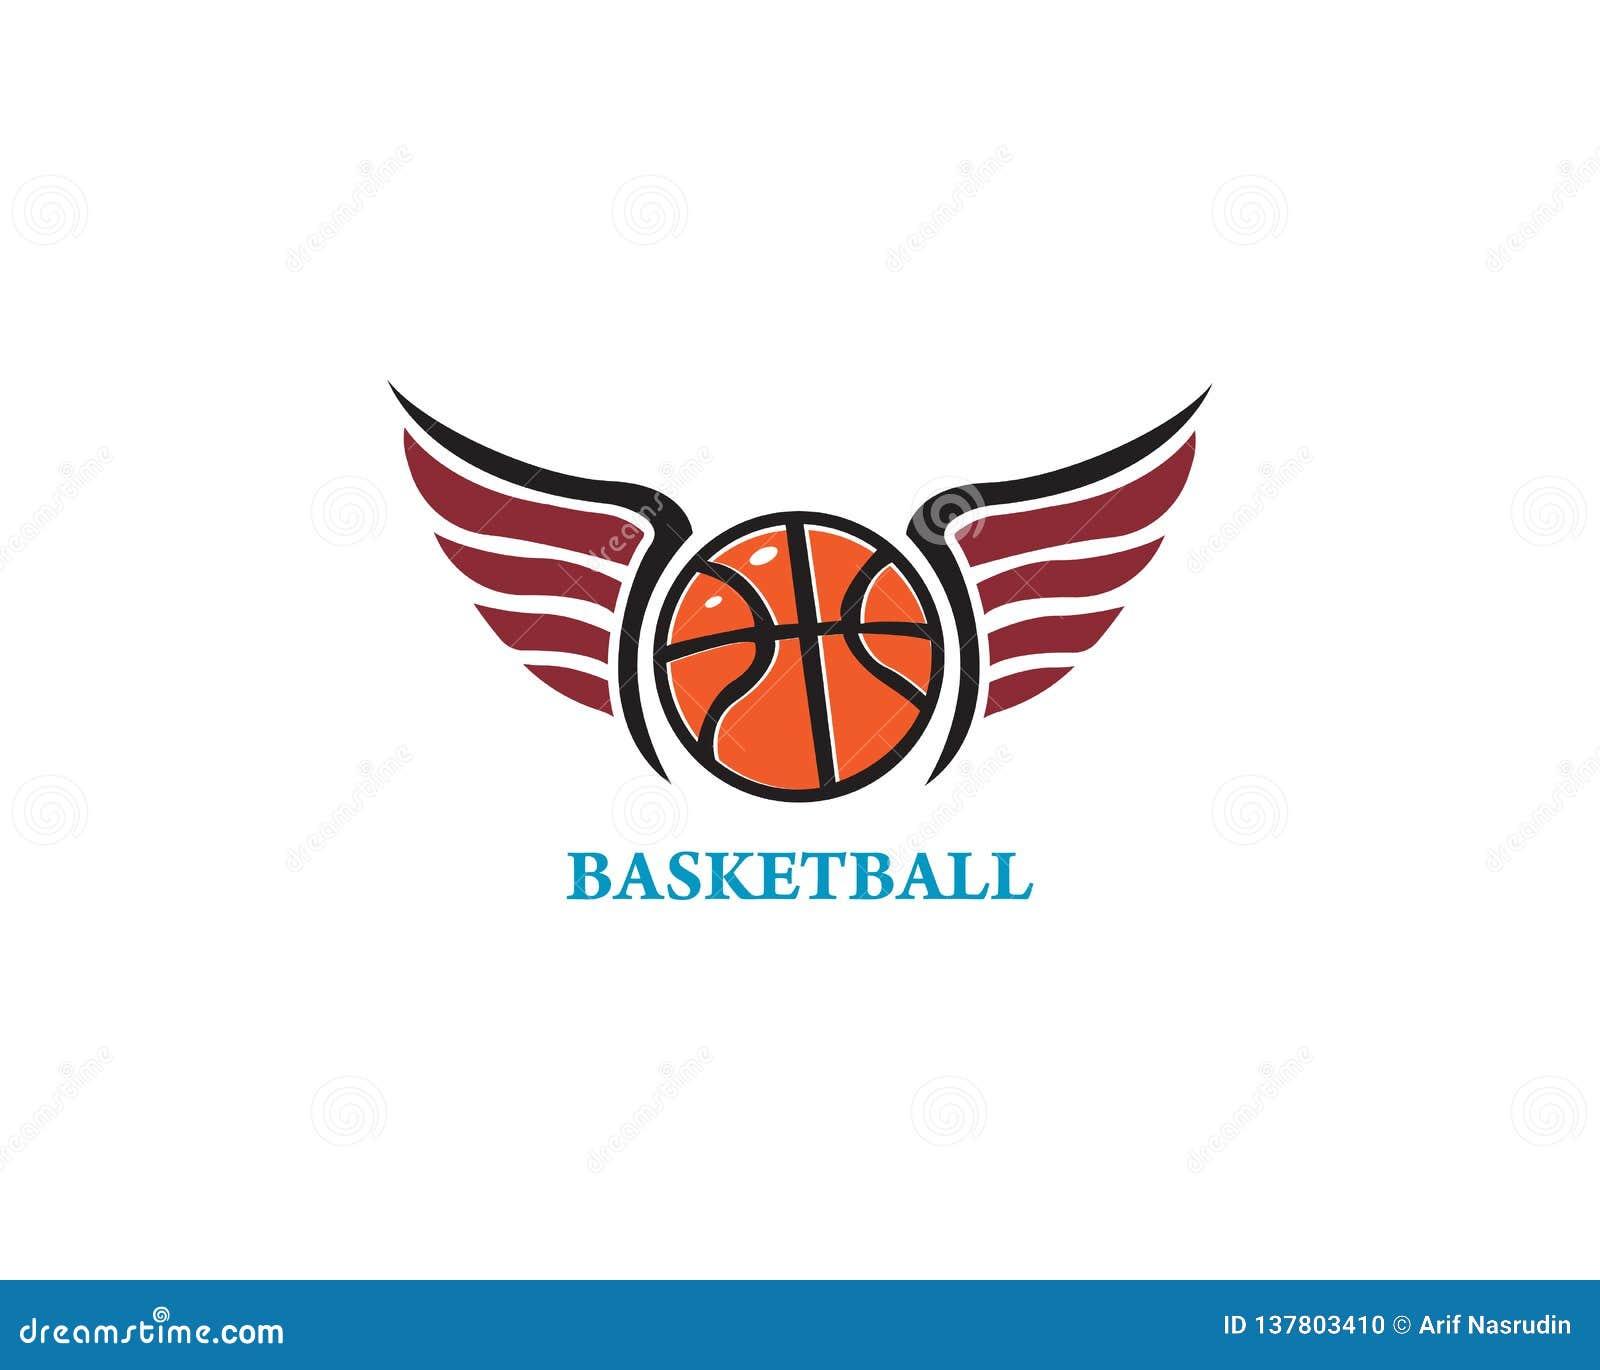 basketball logo template icon design